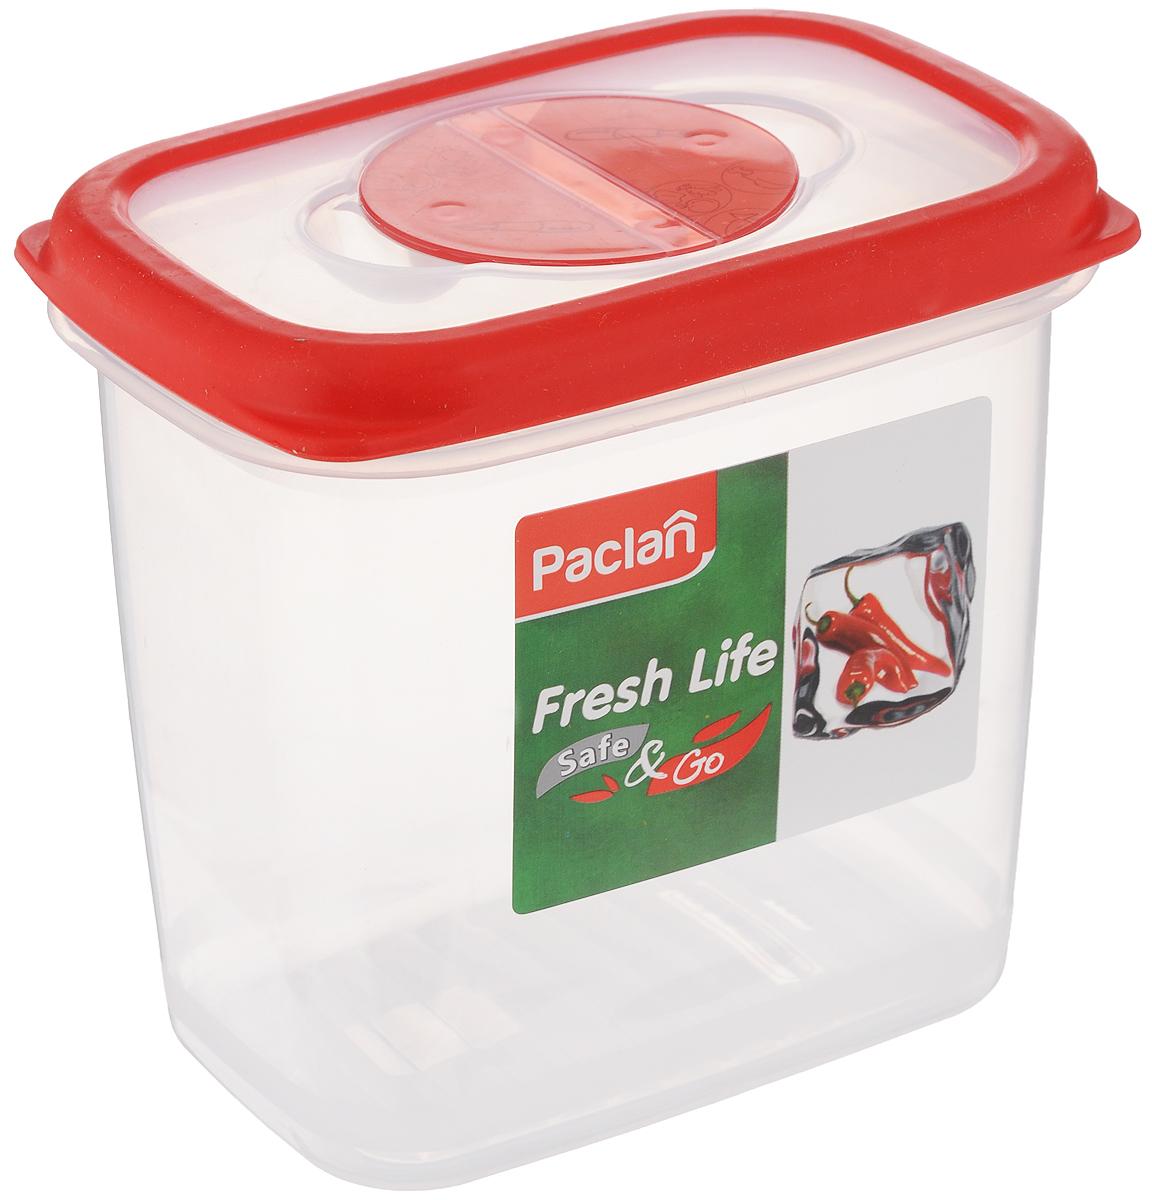 Контейнер для хранения продуктов Paclan Fresh Life, 900 млVT-1520(SR)Герметичный контейнер Paclan Fresh Life, выполненный из полипропилена, предназначен для хранения, заморозки и разогрева в микроволновой печи (при снятой крышке). После использования промыть теплой водой.Можно мыть в посудомоечной машине.Не пригоден для приготовления пищи.Объем: 900 мл.Высота стенок: 12,5 см.Размер (по верхнему краю): 12,5 х 8,5 см.